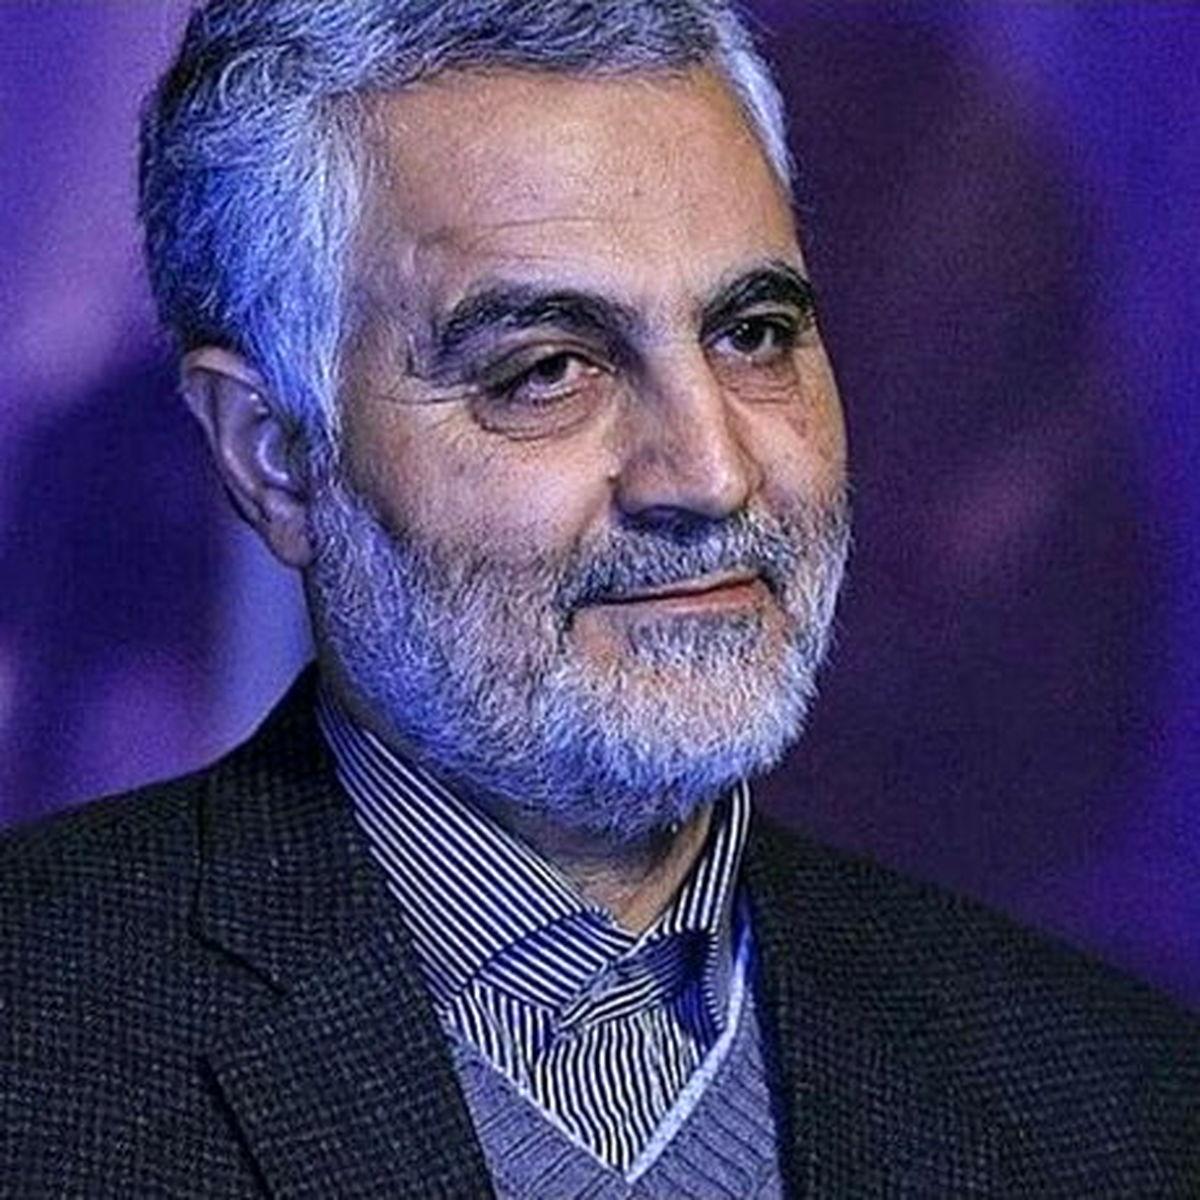 انتشار نامه تکاندهنده شهید سلیمانی به فرزندش؛ هرگز نمیخواستم نظامی شوم